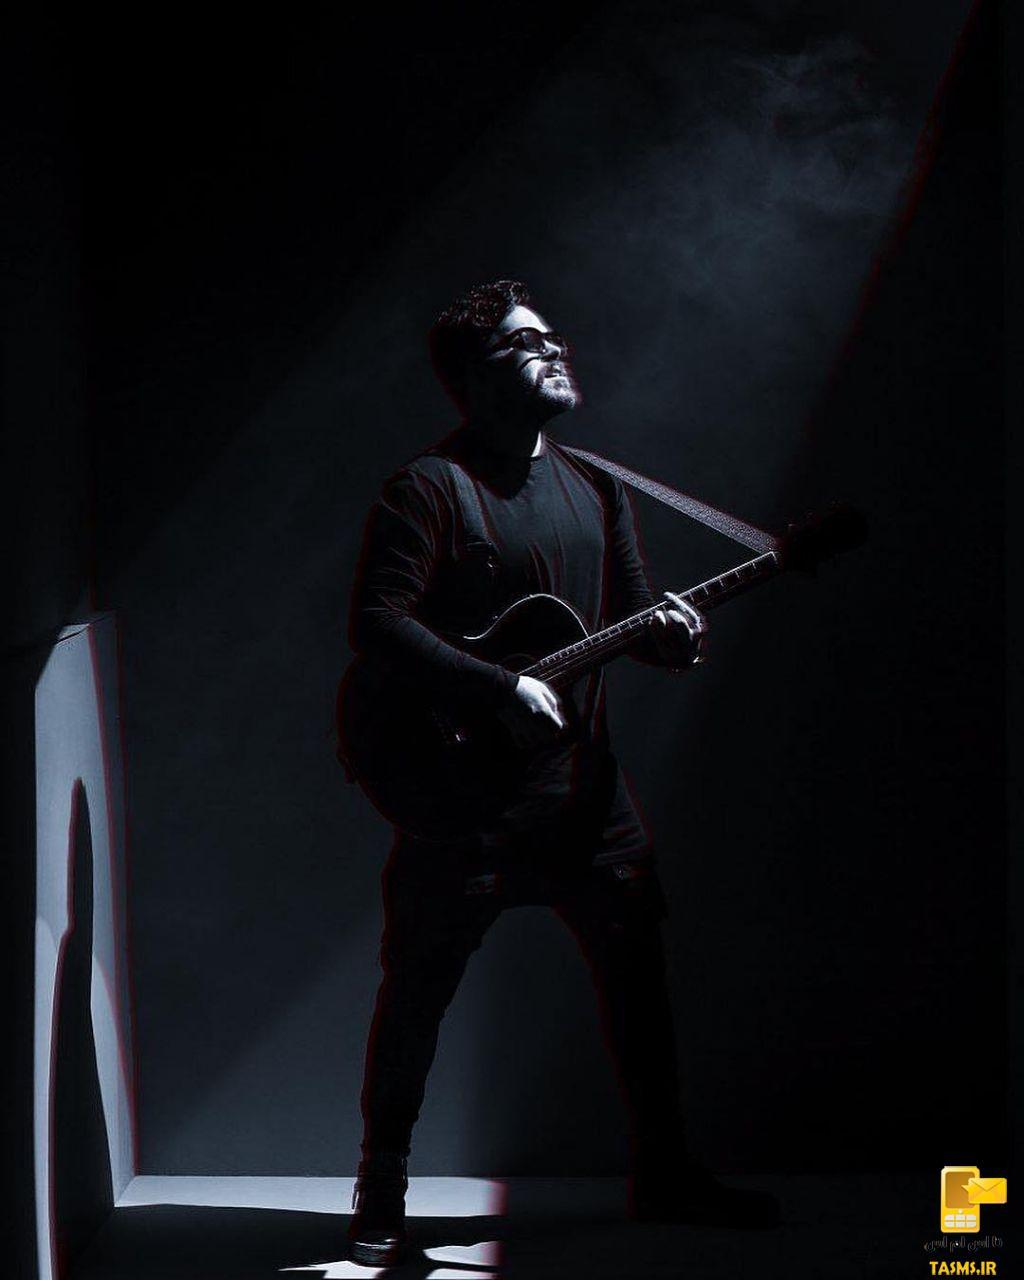 دانلود آهنگ جدید علی عبدالمالکی به نام بی معرفت | بی معرفت علی عبدالمالکی